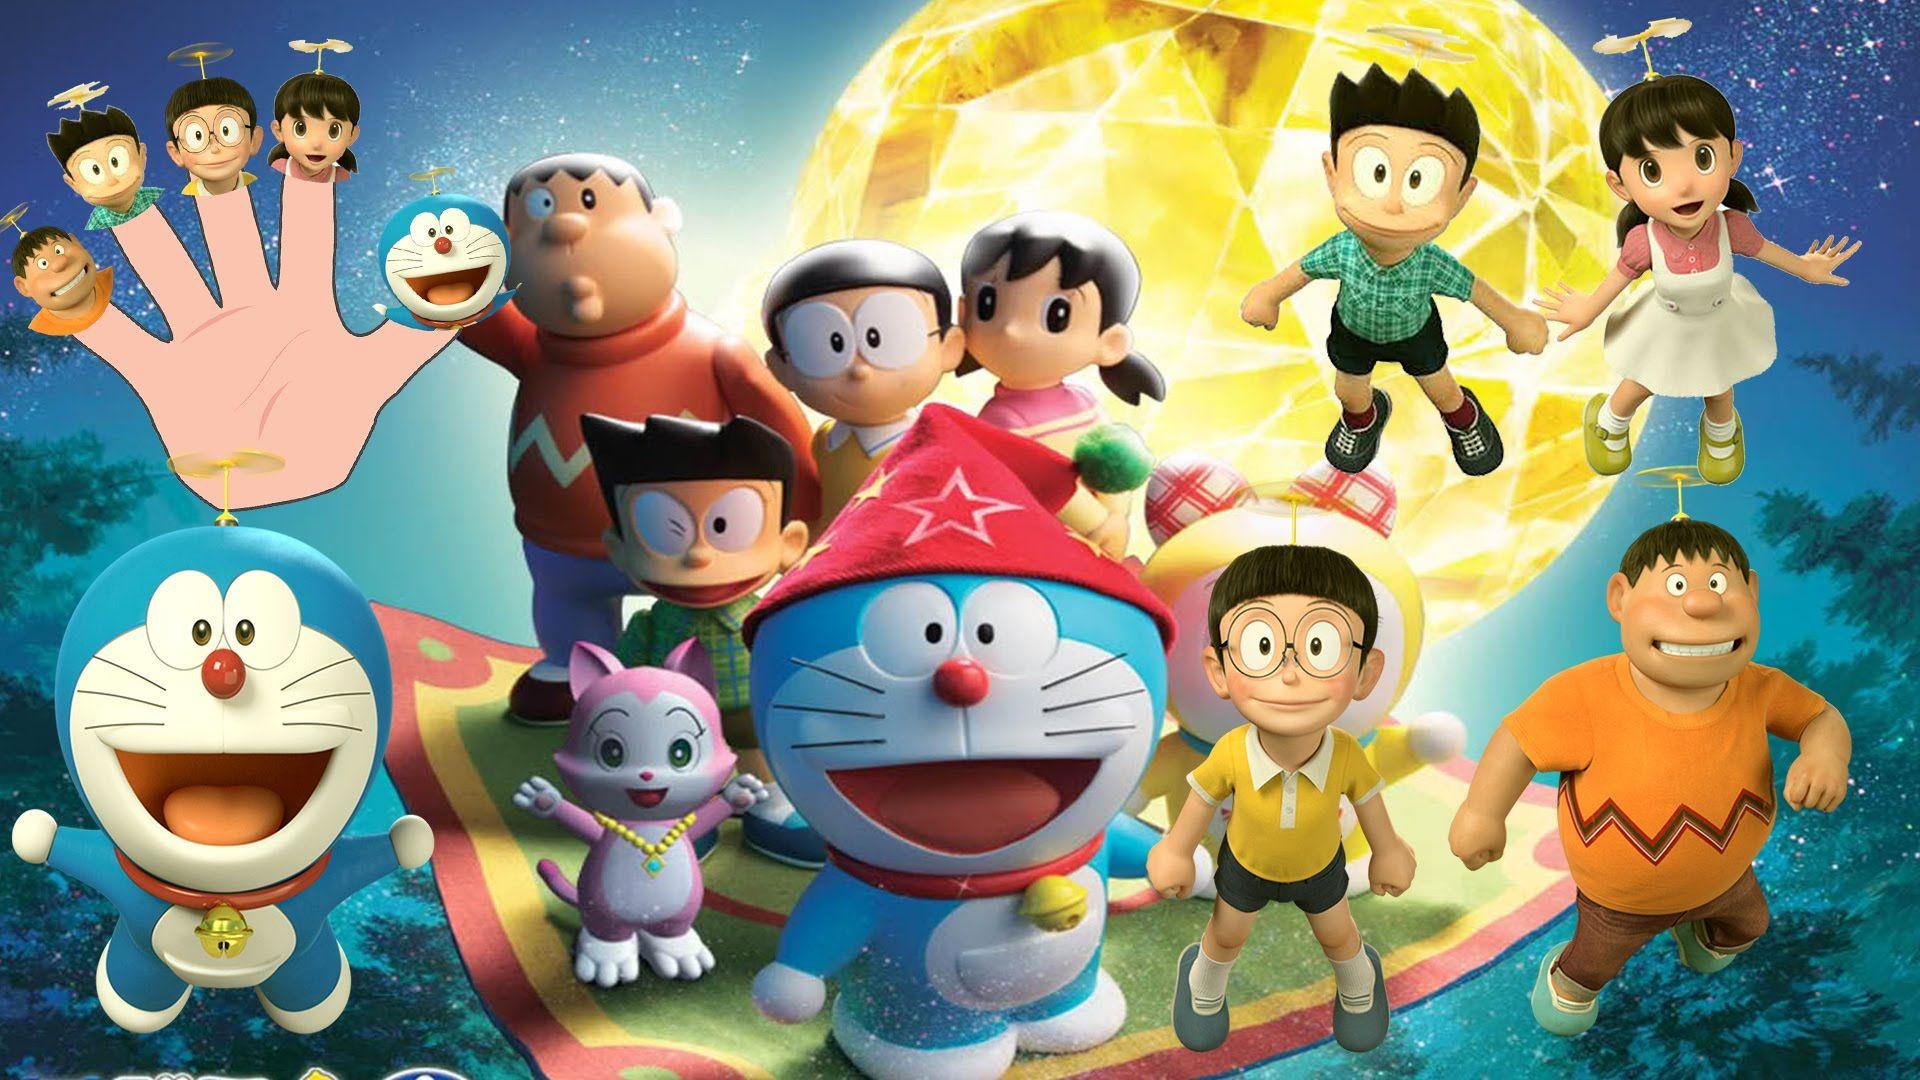 Doraemon 3d finger family nursery rhymes kidsf fingerfamilyheroes doraemon 3d finger family nursery rhymes kidsf fingerfamilyheroes voltagebd Images